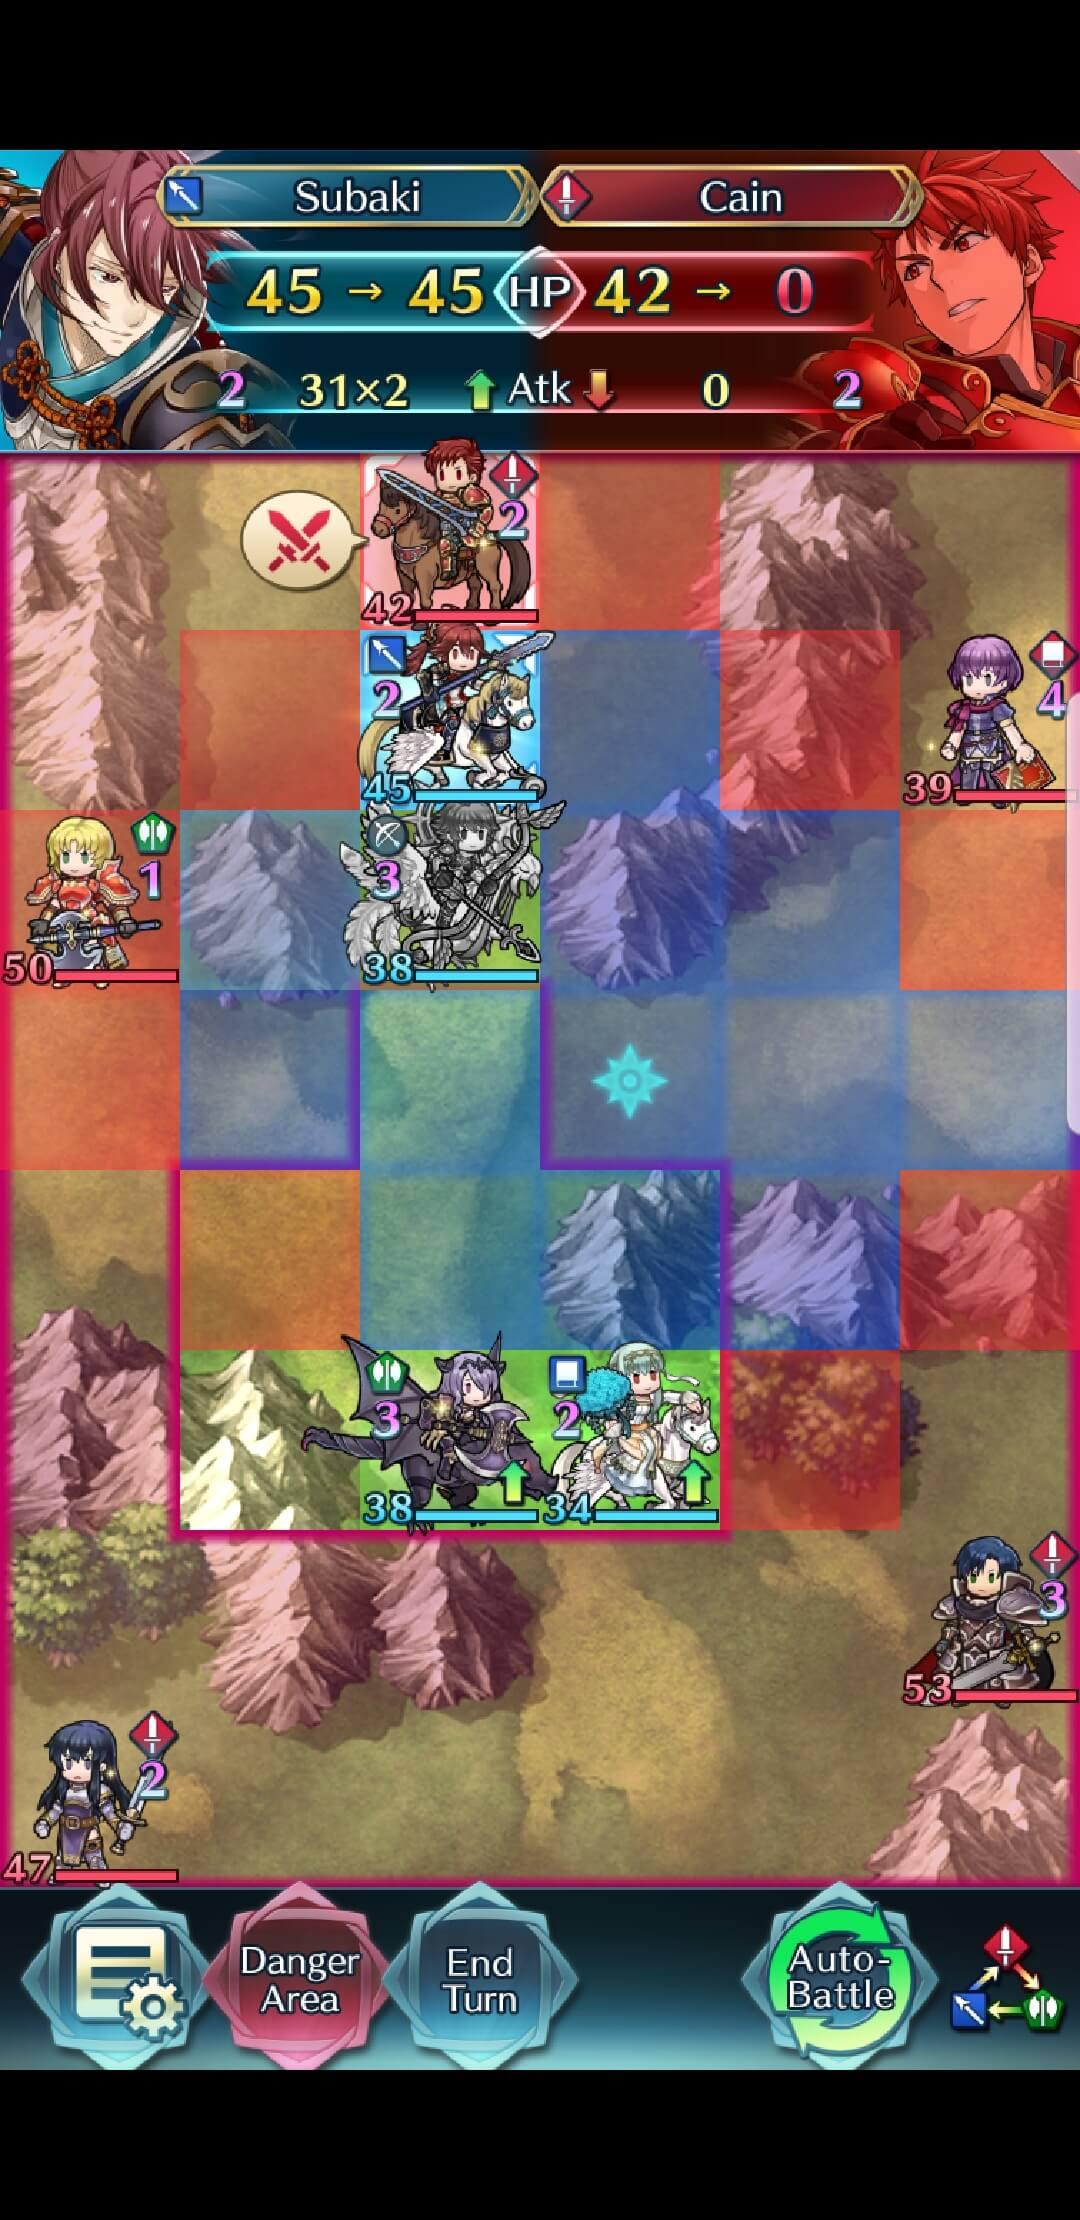 Subaki attacks Cain